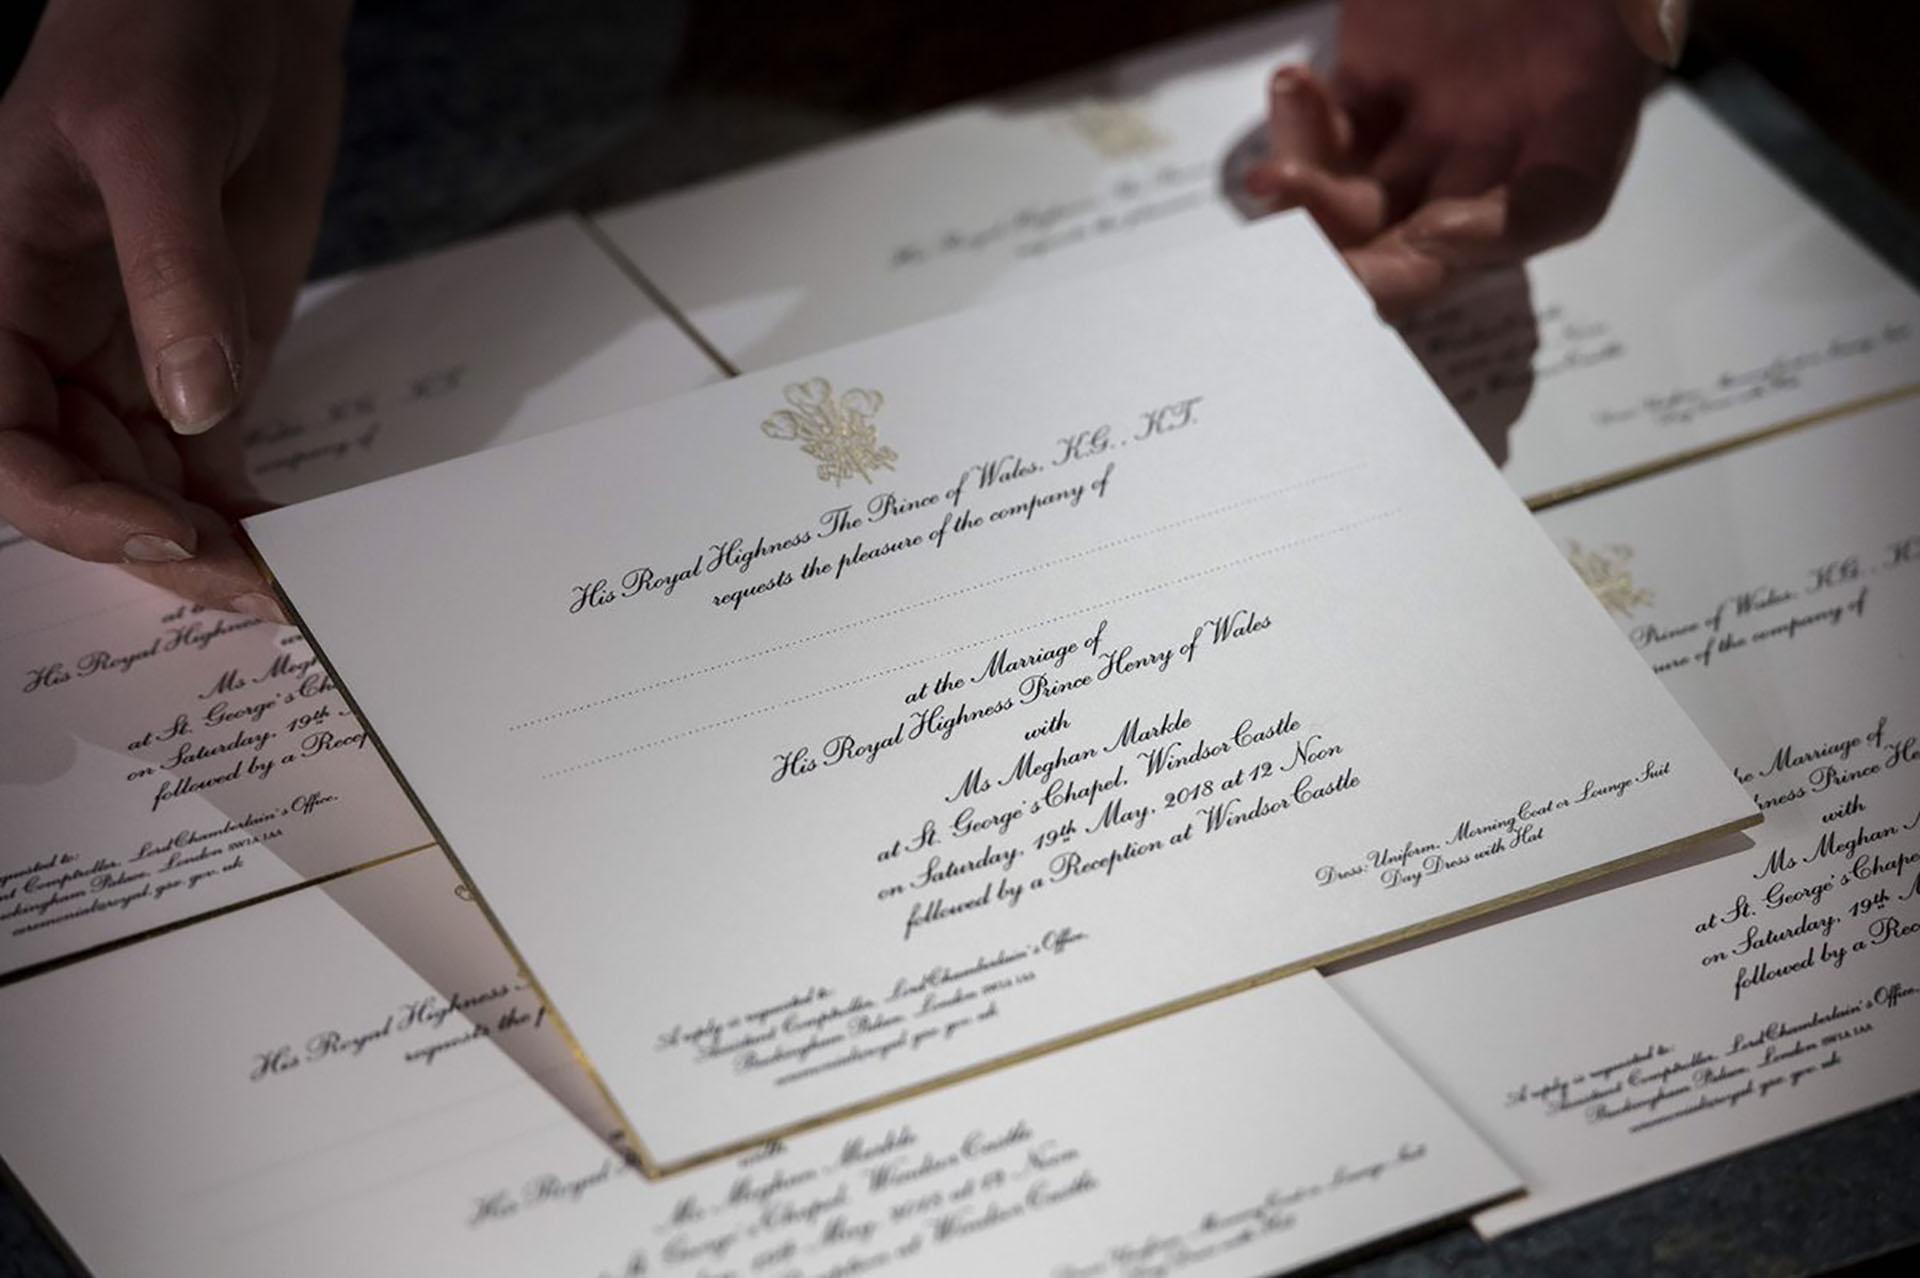 Las invitaciones que ya fueron enviadas siguen la tradición de la monarquía británica, realizadas por por Barnard y Westwood. Incluyen el sello de tres plumas del Príncipe de Gales en tinta dorada